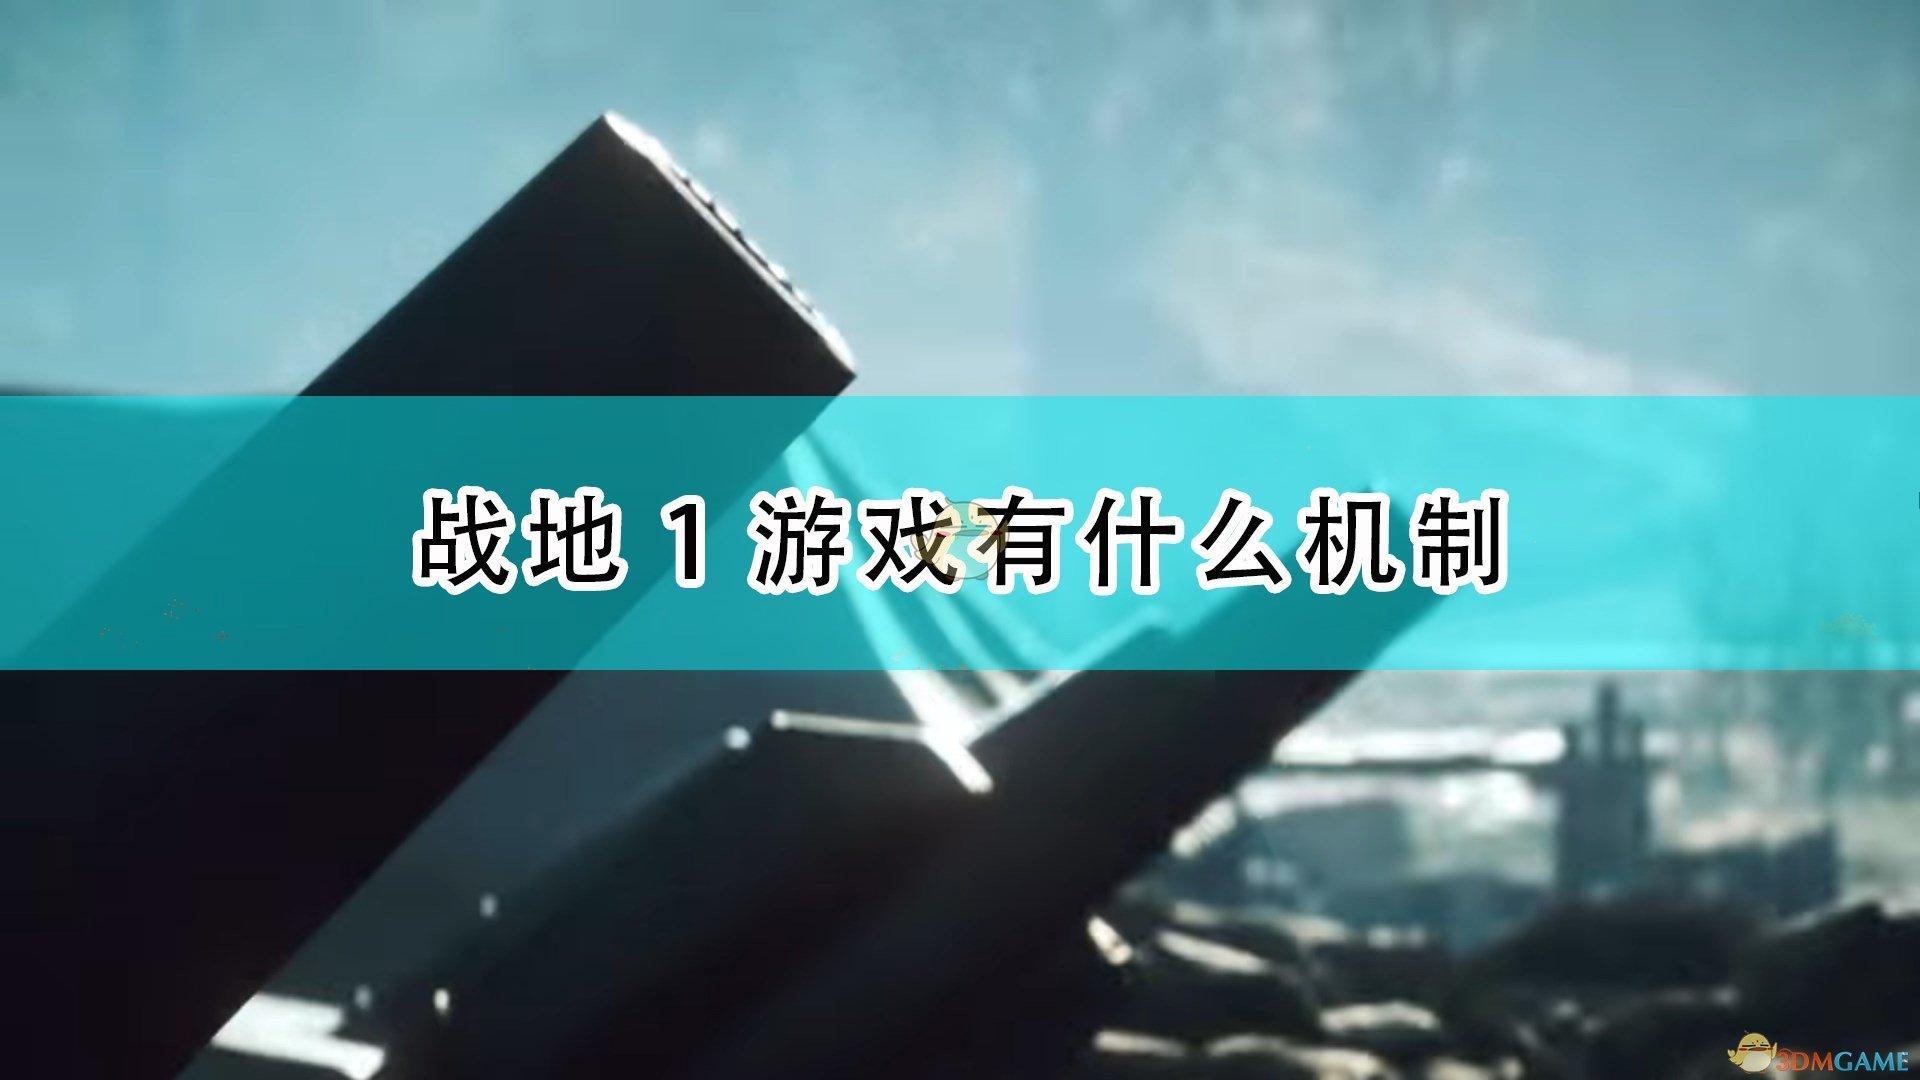 《戰地1》遊戲基本機制介紹